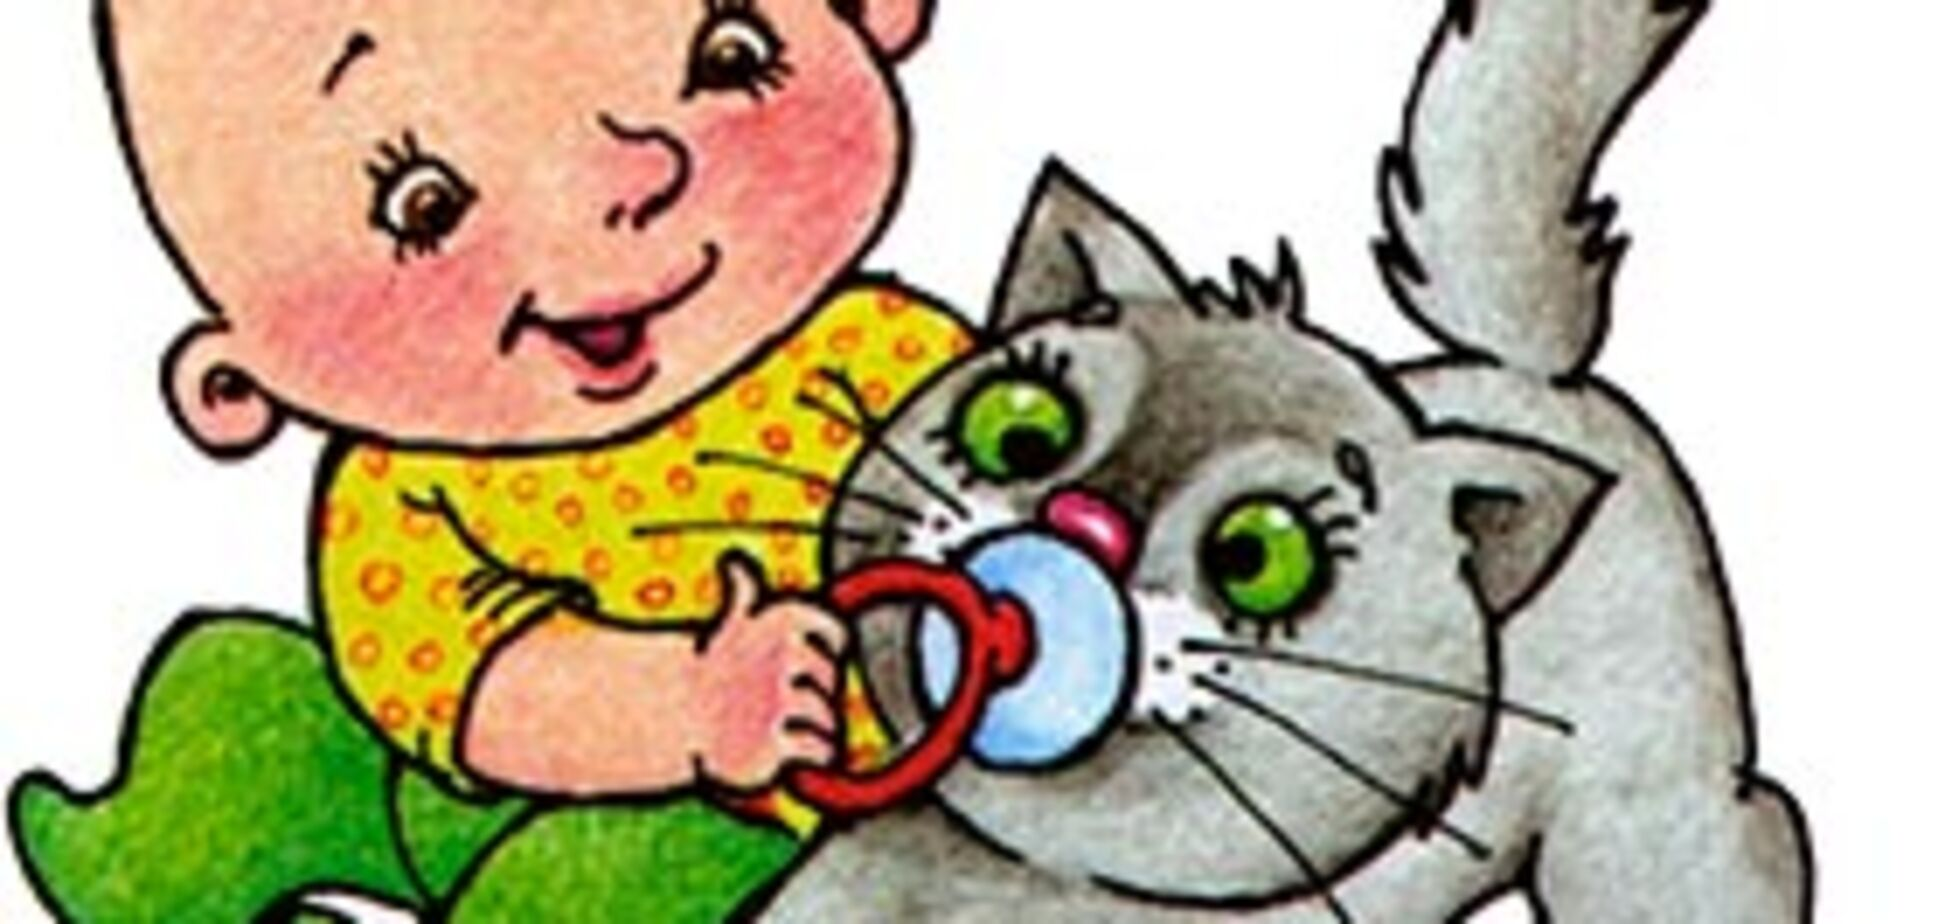 Соска змінює орієнтацію малюка? Яку маячню несуть з приводу пустушок